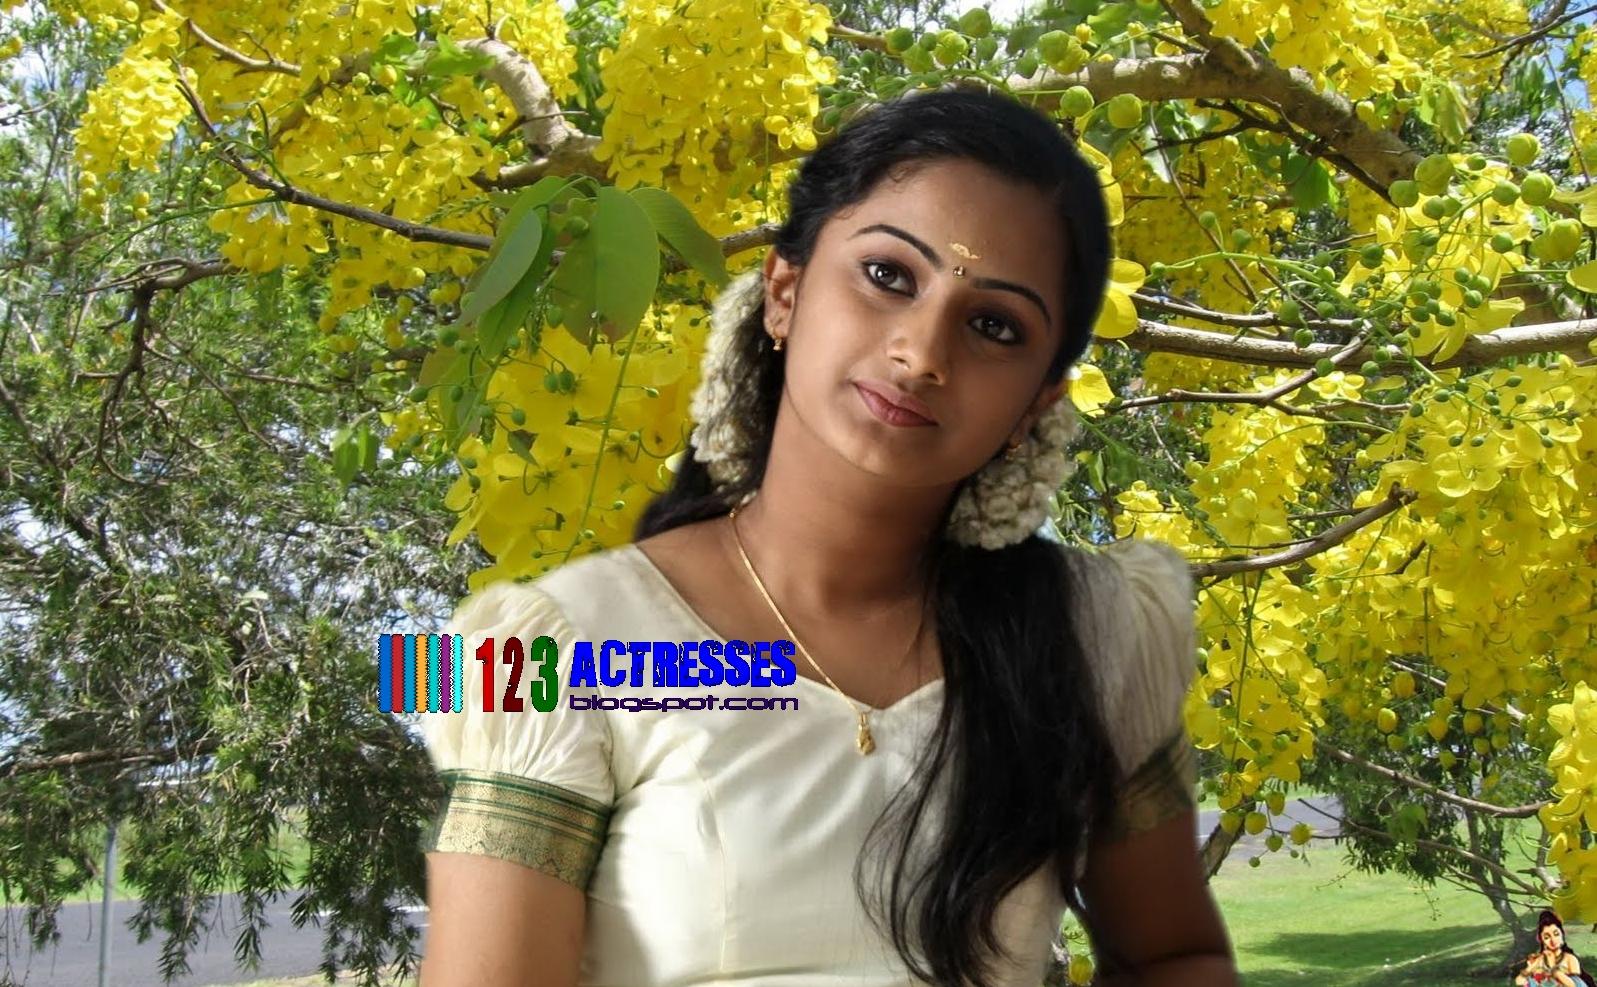 http://1.bp.blogspot.com/-5iD9hDPMjkQ/T9Q2L0AjQFI/AAAAAAAAAE4/sUIr525k9Zw/s1600/namitha+pramod+in+onam+wallpaper.jpg